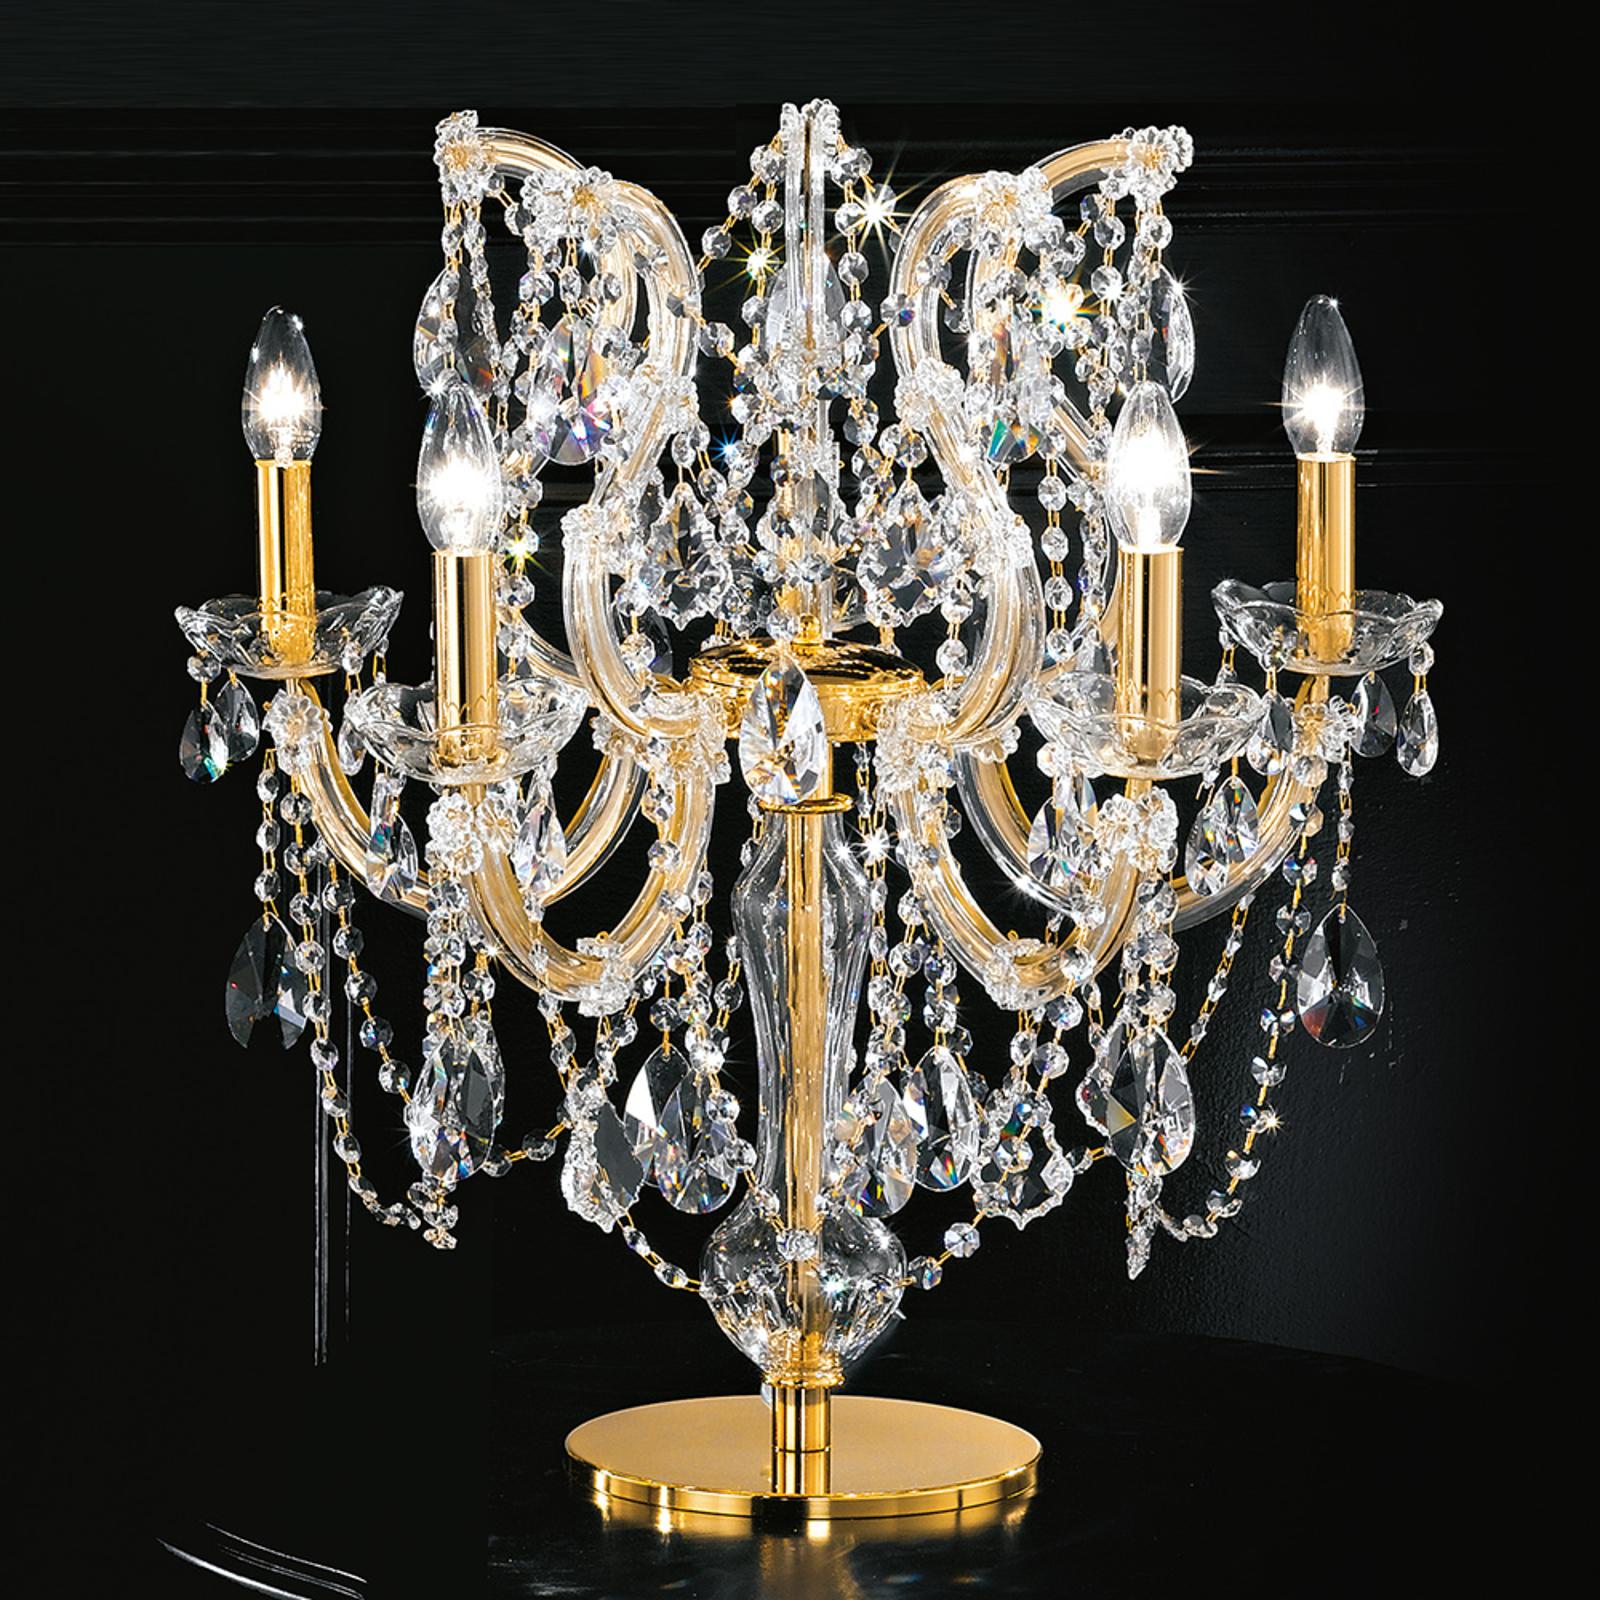 Lampe à poser Annino à éléments Swarovski 5 lampes